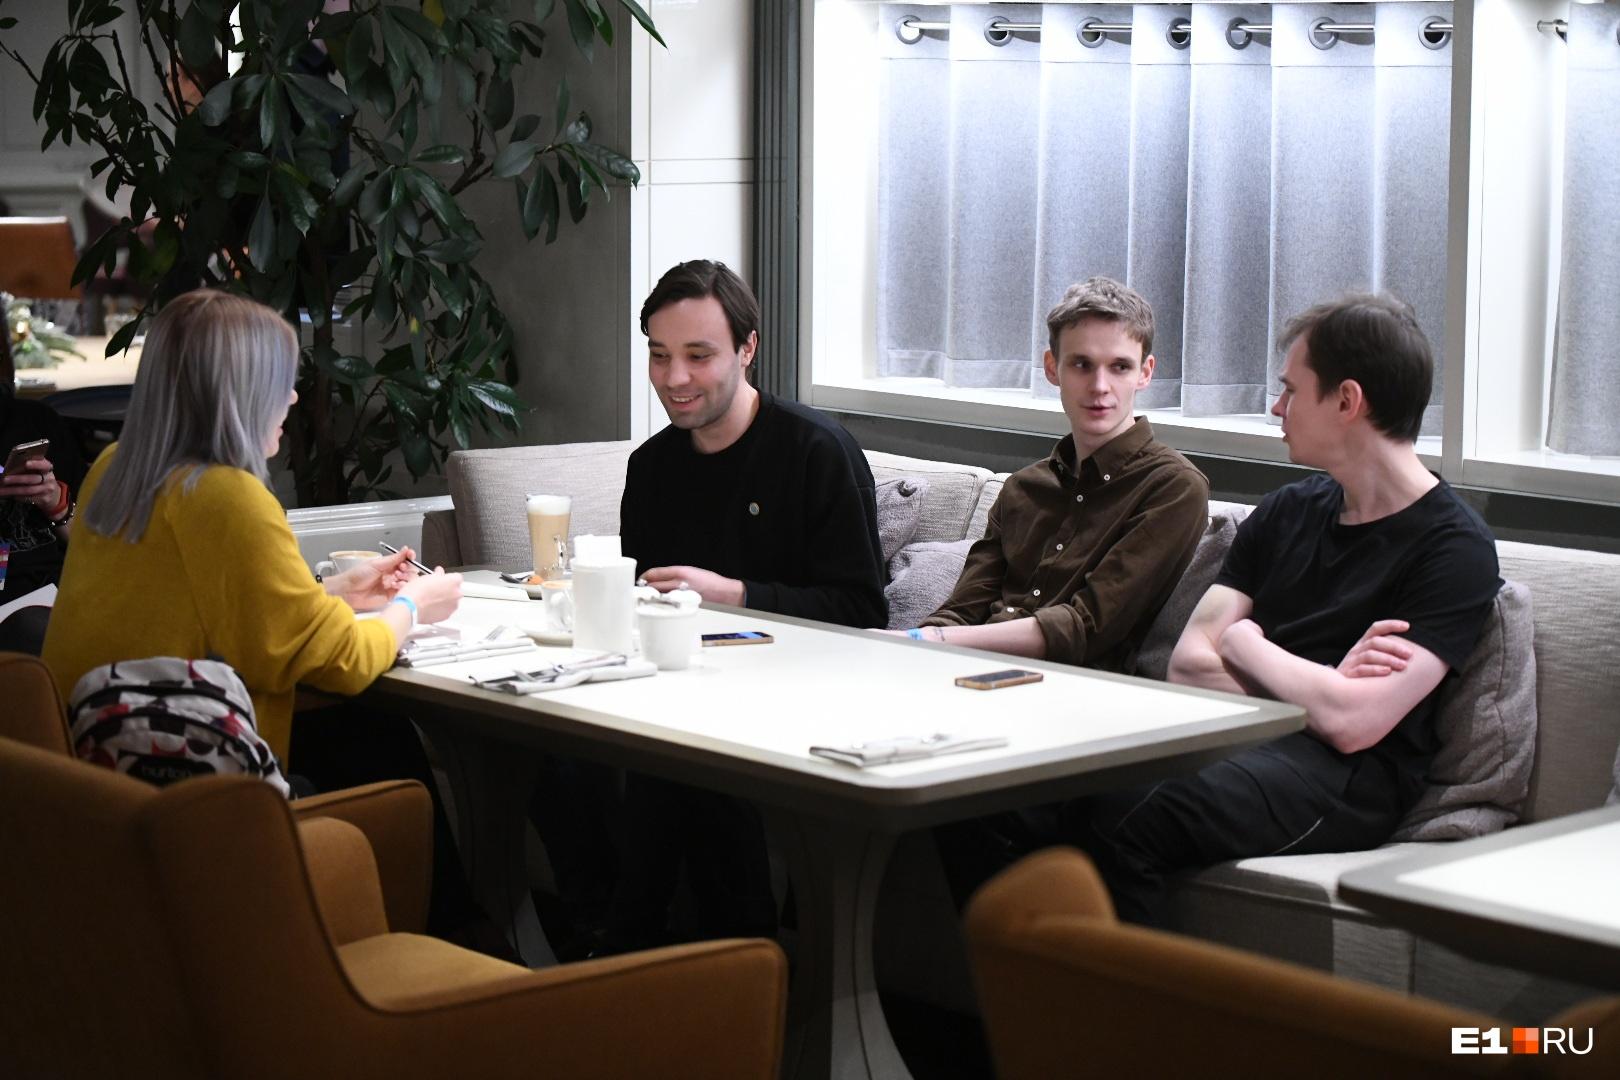 В современном составе группы трое парней, слева направо: Ярослав Тимофеев, Дмитрий Шугайкин, Вадик Королёв